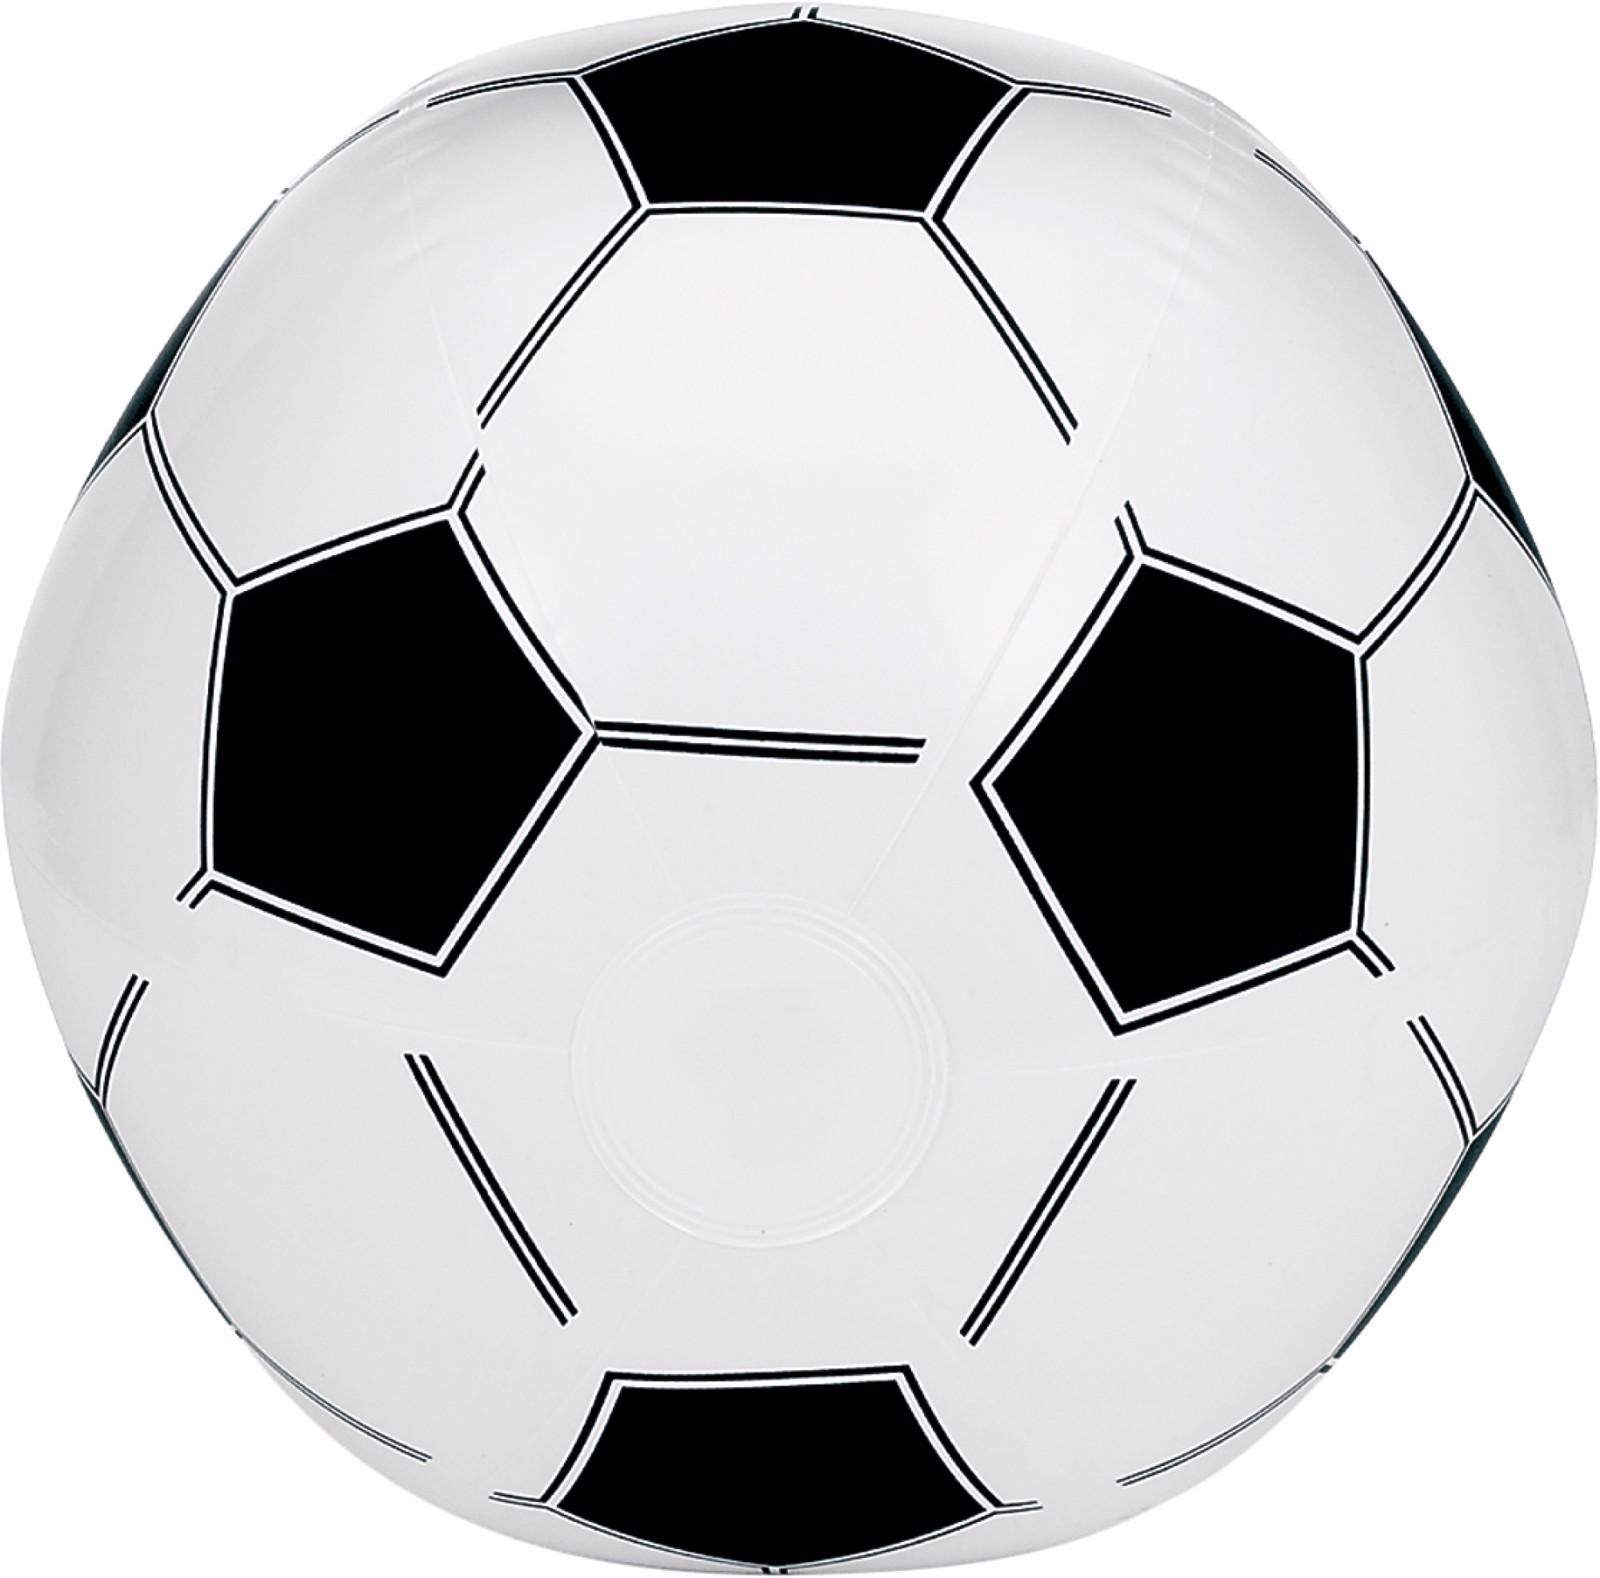 PVC football - White